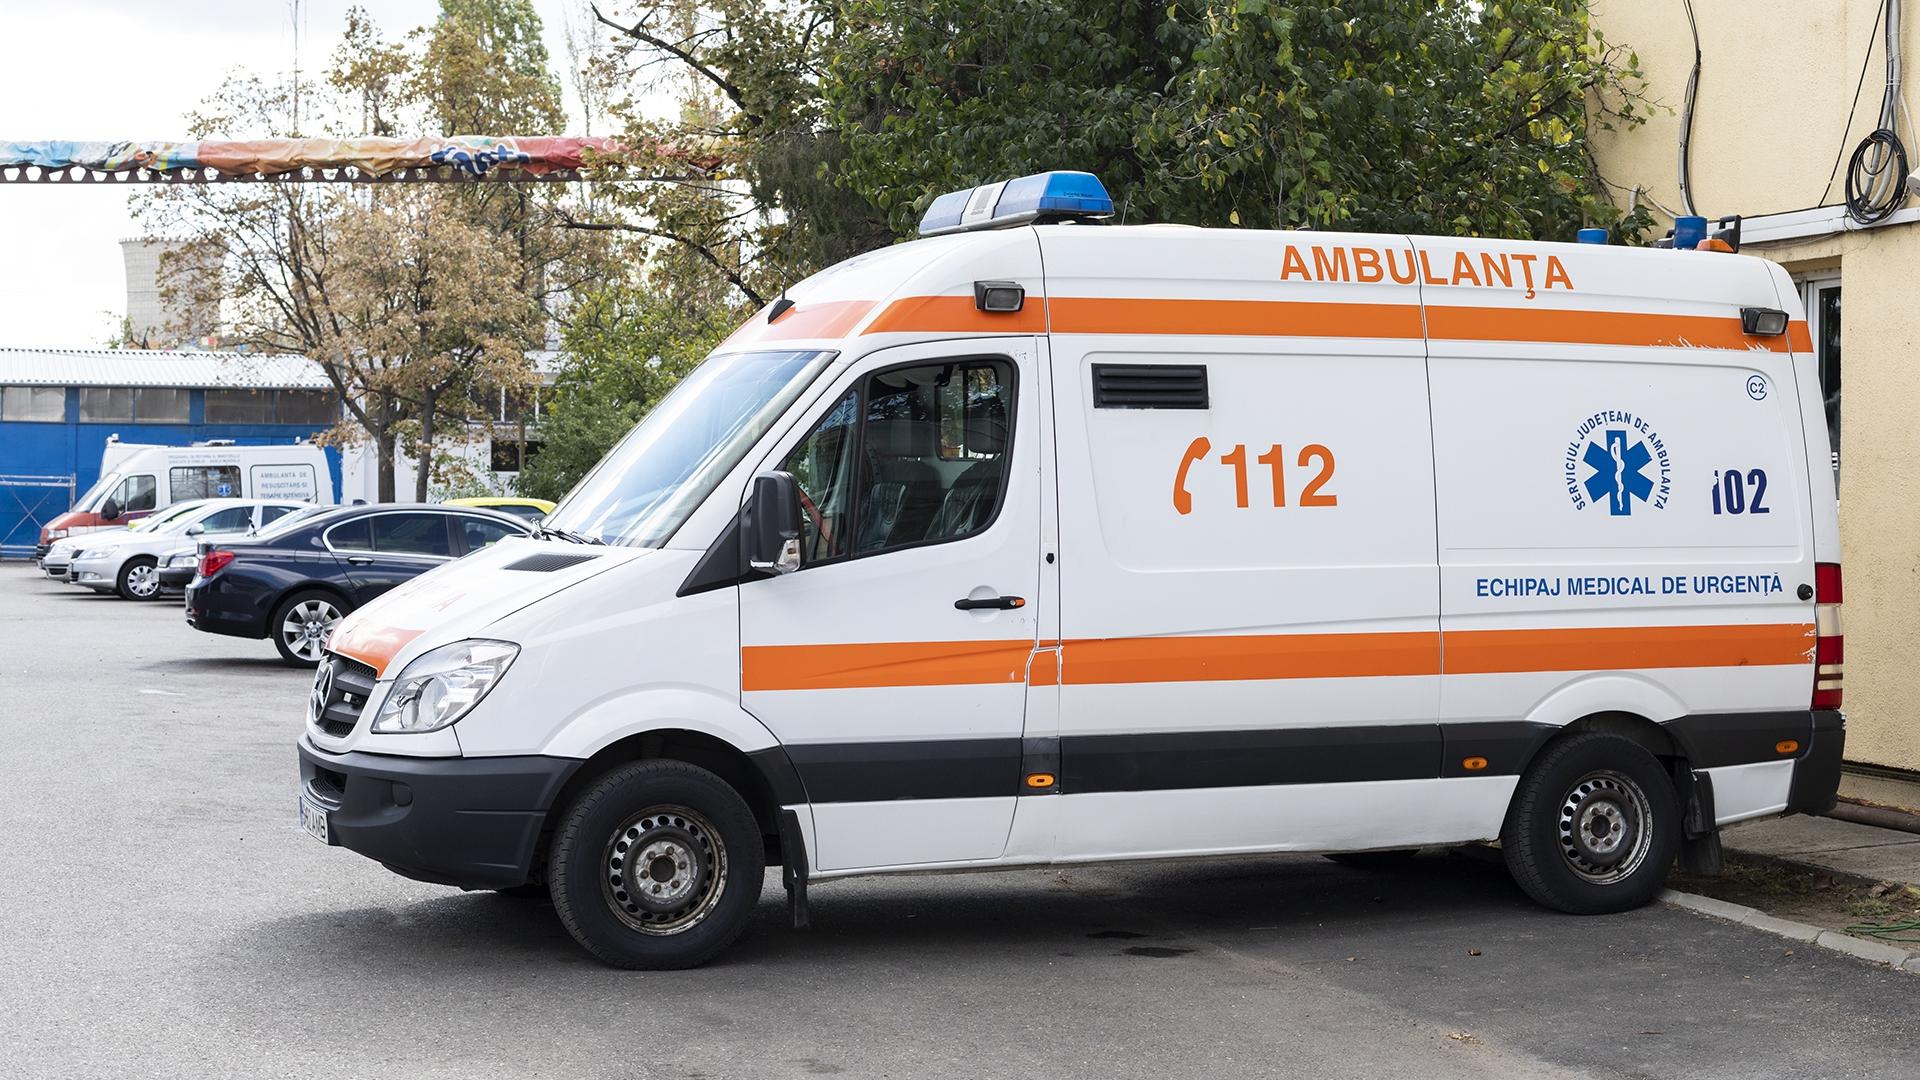 """Apelul verii la 112: """"Alo, am o urgență, fiul meu este vegetarian!"""". O femeie din Botoșani a sunat la Ambulanță pentru că fiul său nu vrea să mănânce carne"""